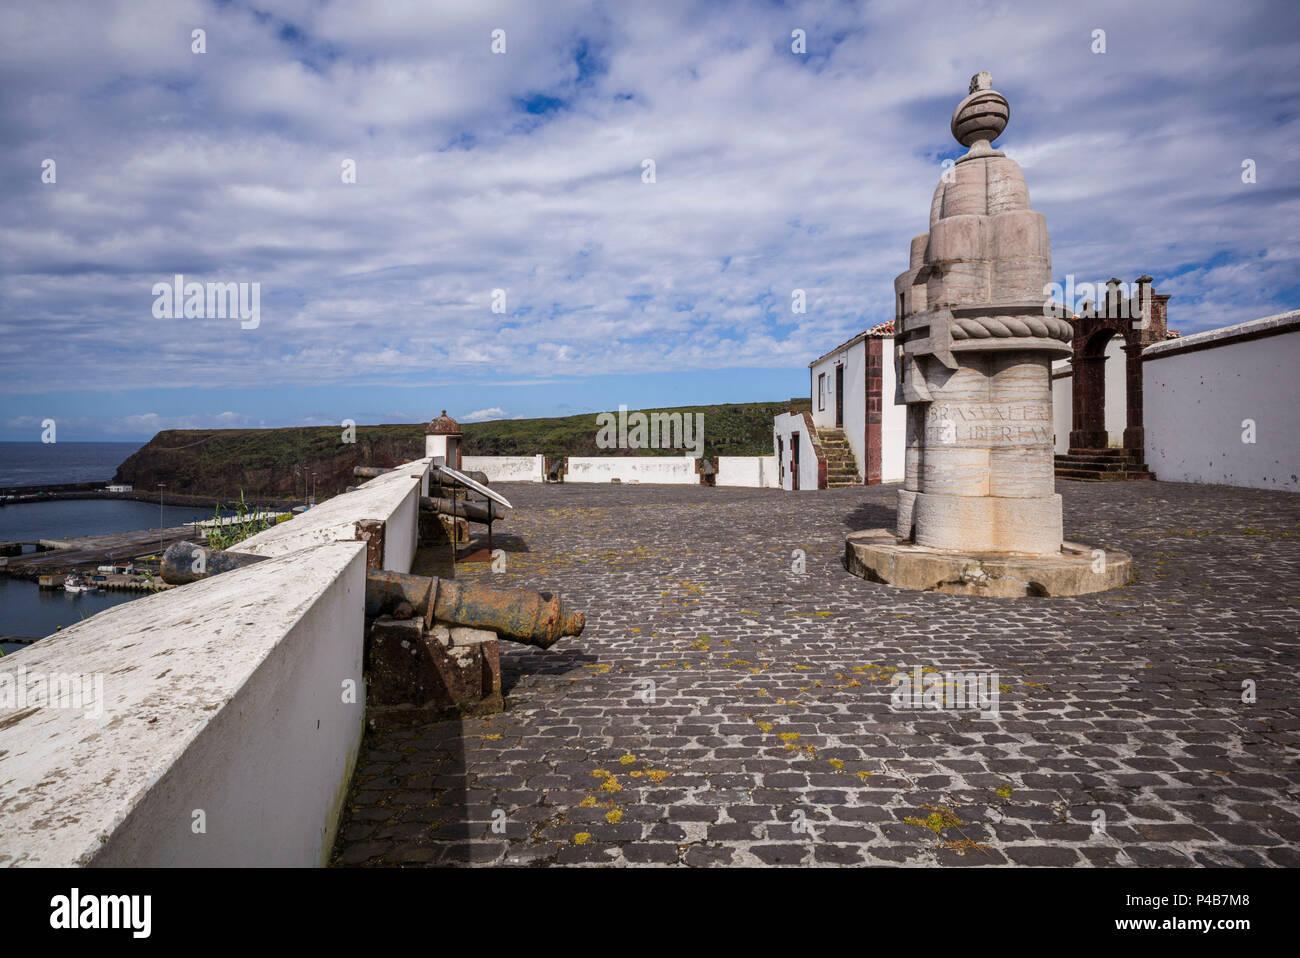 Portugal, Azores, Santa Maria Island, Vila do Porto, Forte de Sao Bras fort - Stock Image